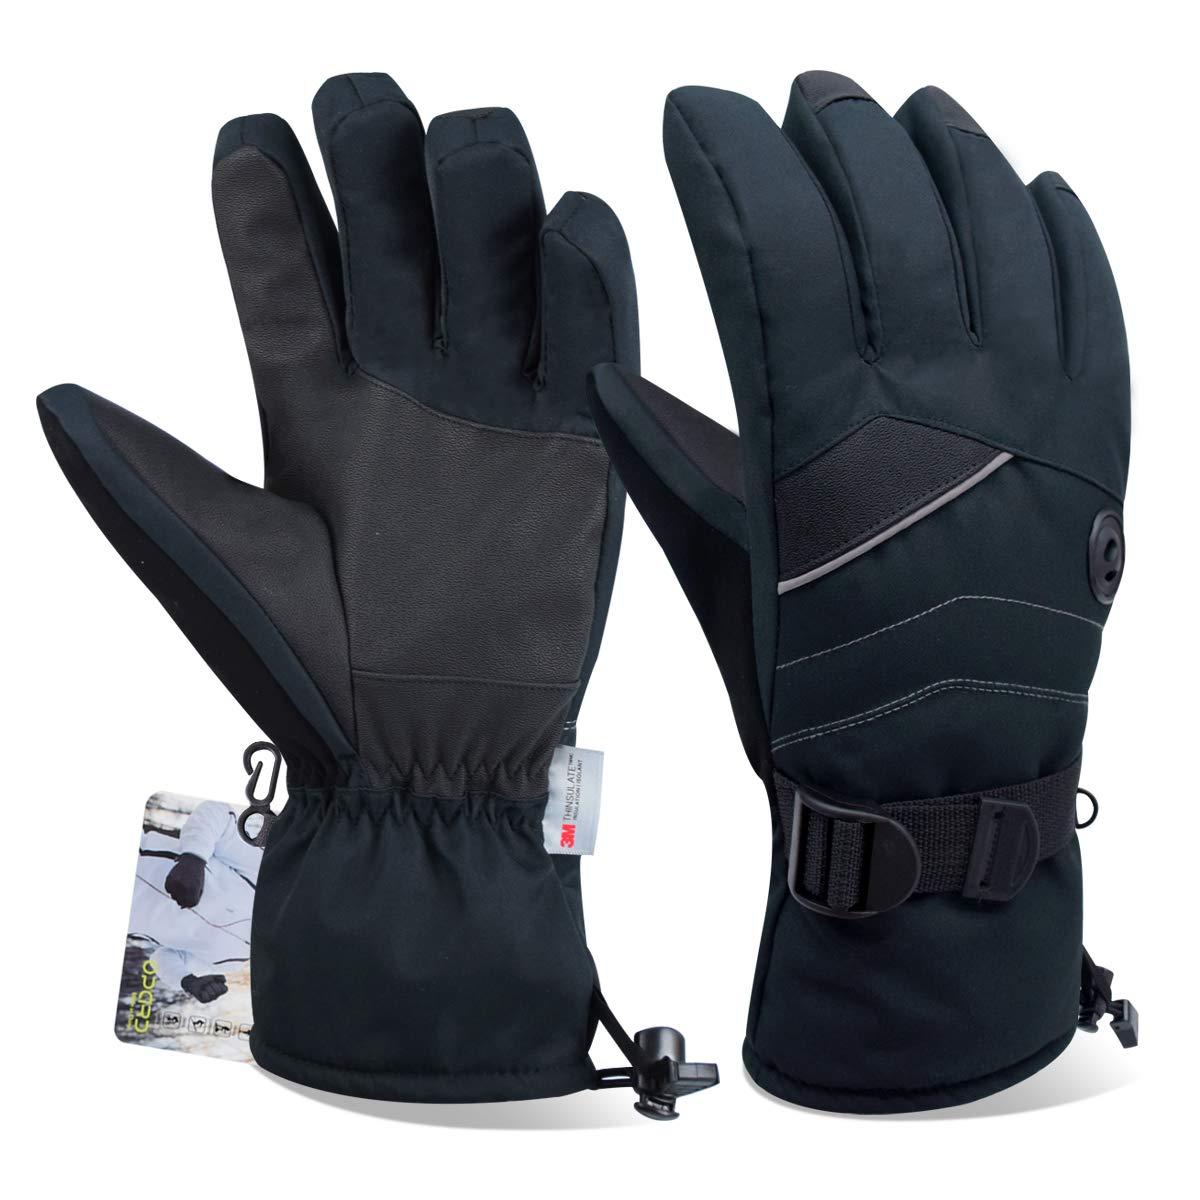 normani® Winter Fingerhandschuhe mit rutschfestem Griff in verschiedenen Größen Camping & Outdoor